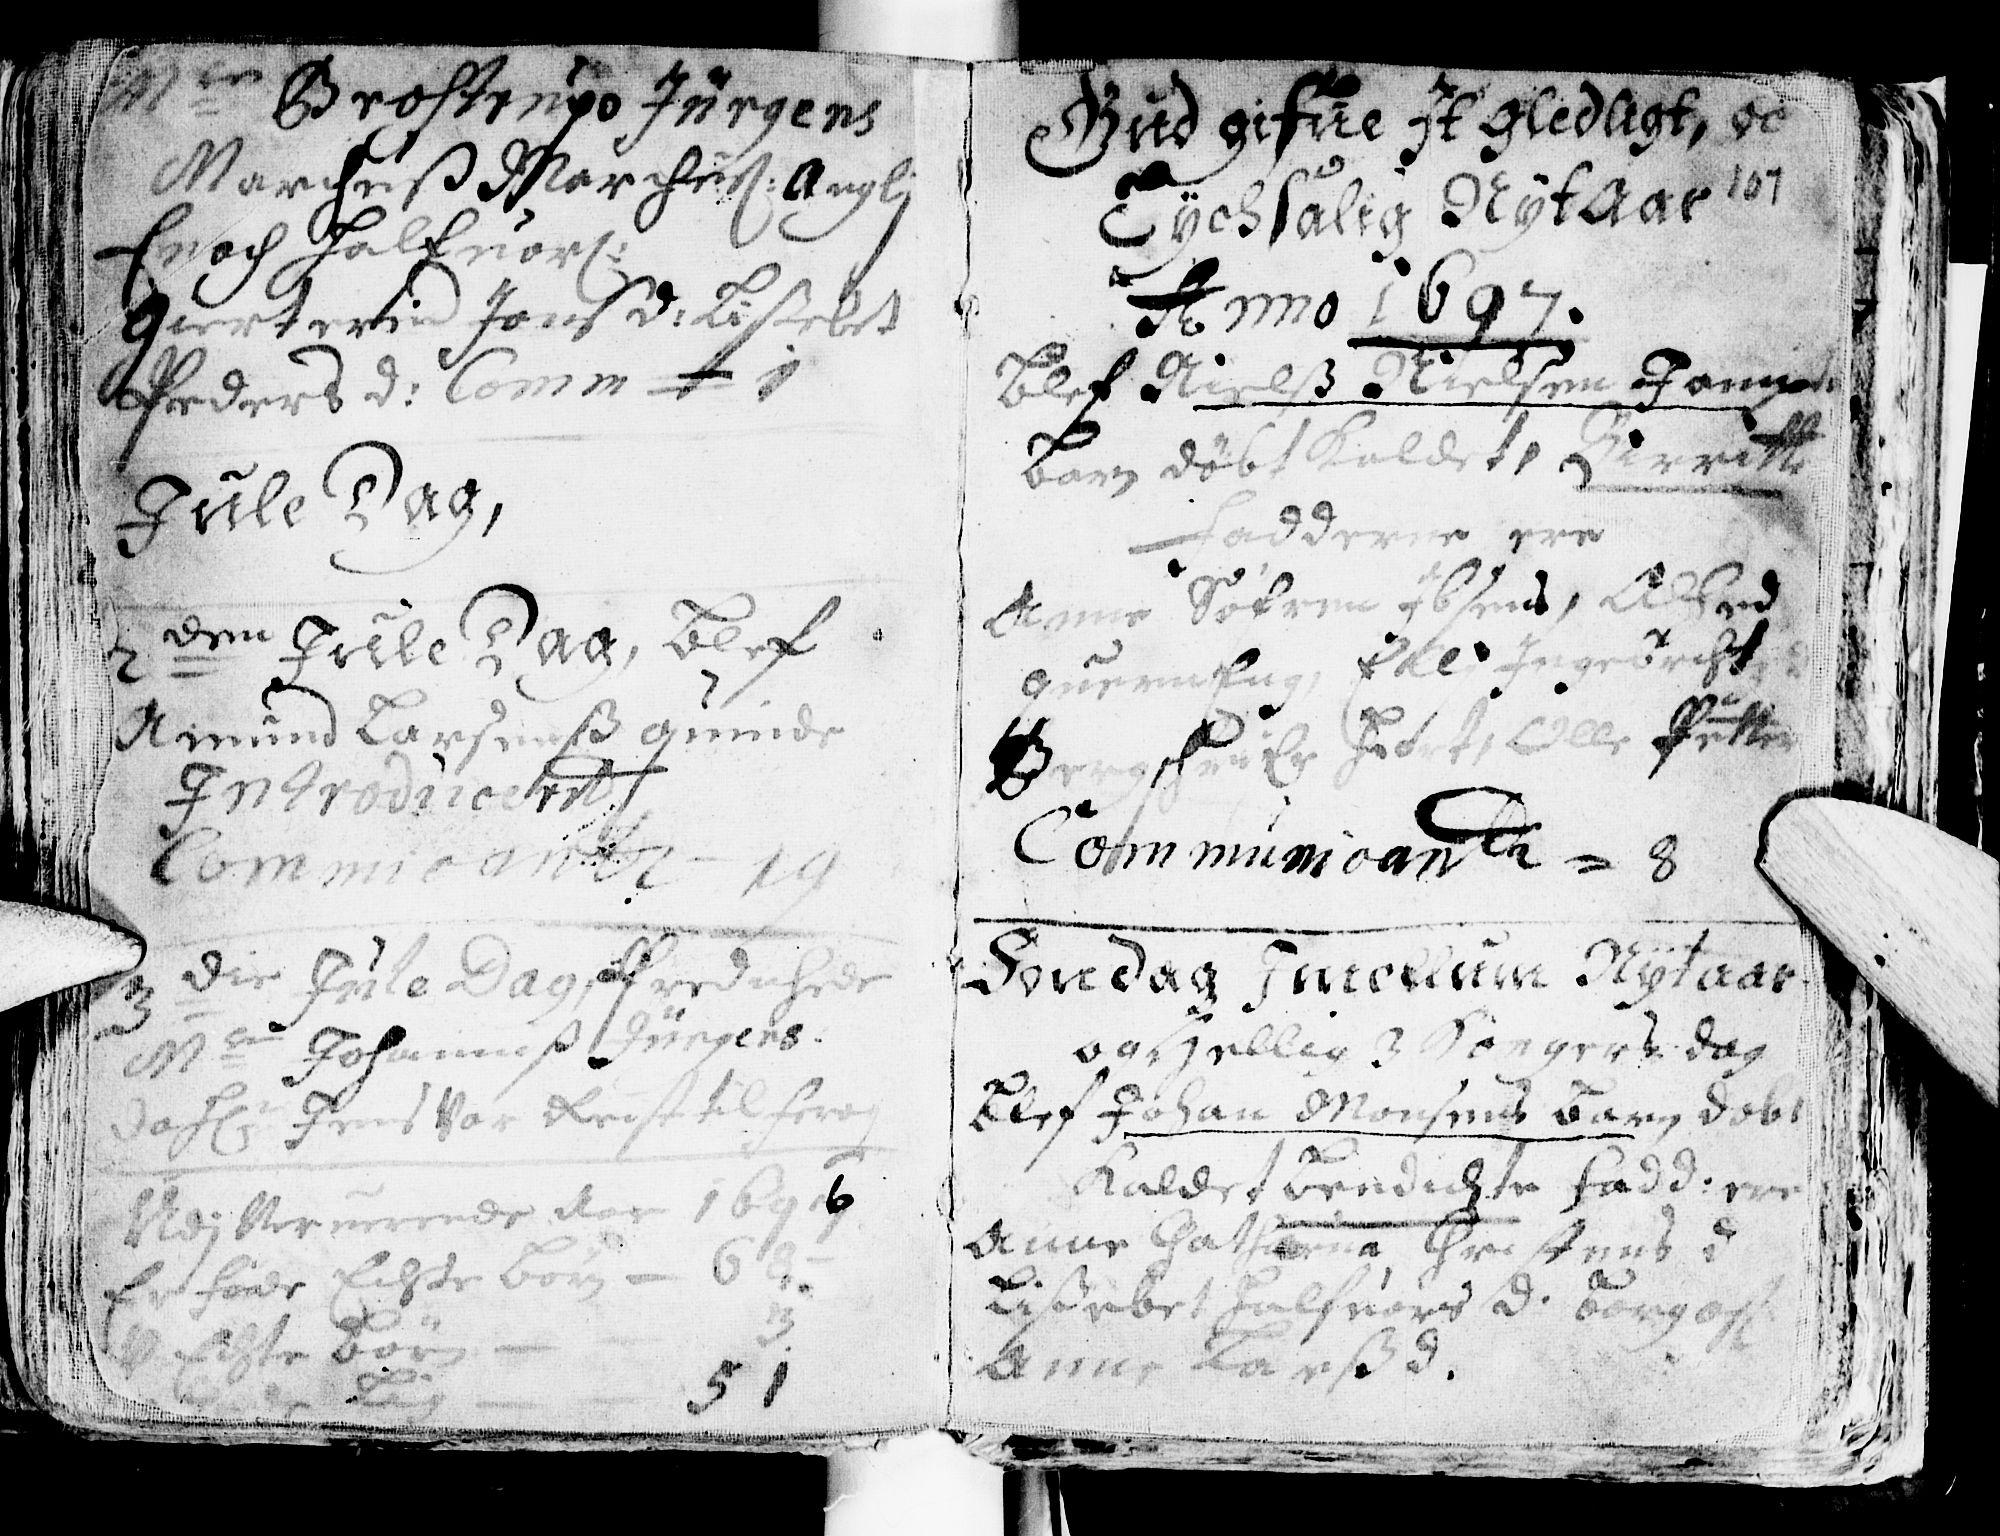 SAT, Ministerialprotokoller, klokkerbøker og fødselsregistre - Sør-Trøndelag, 681/L0923: Ministerialbok nr. 681A01, 1691-1700, s. 107